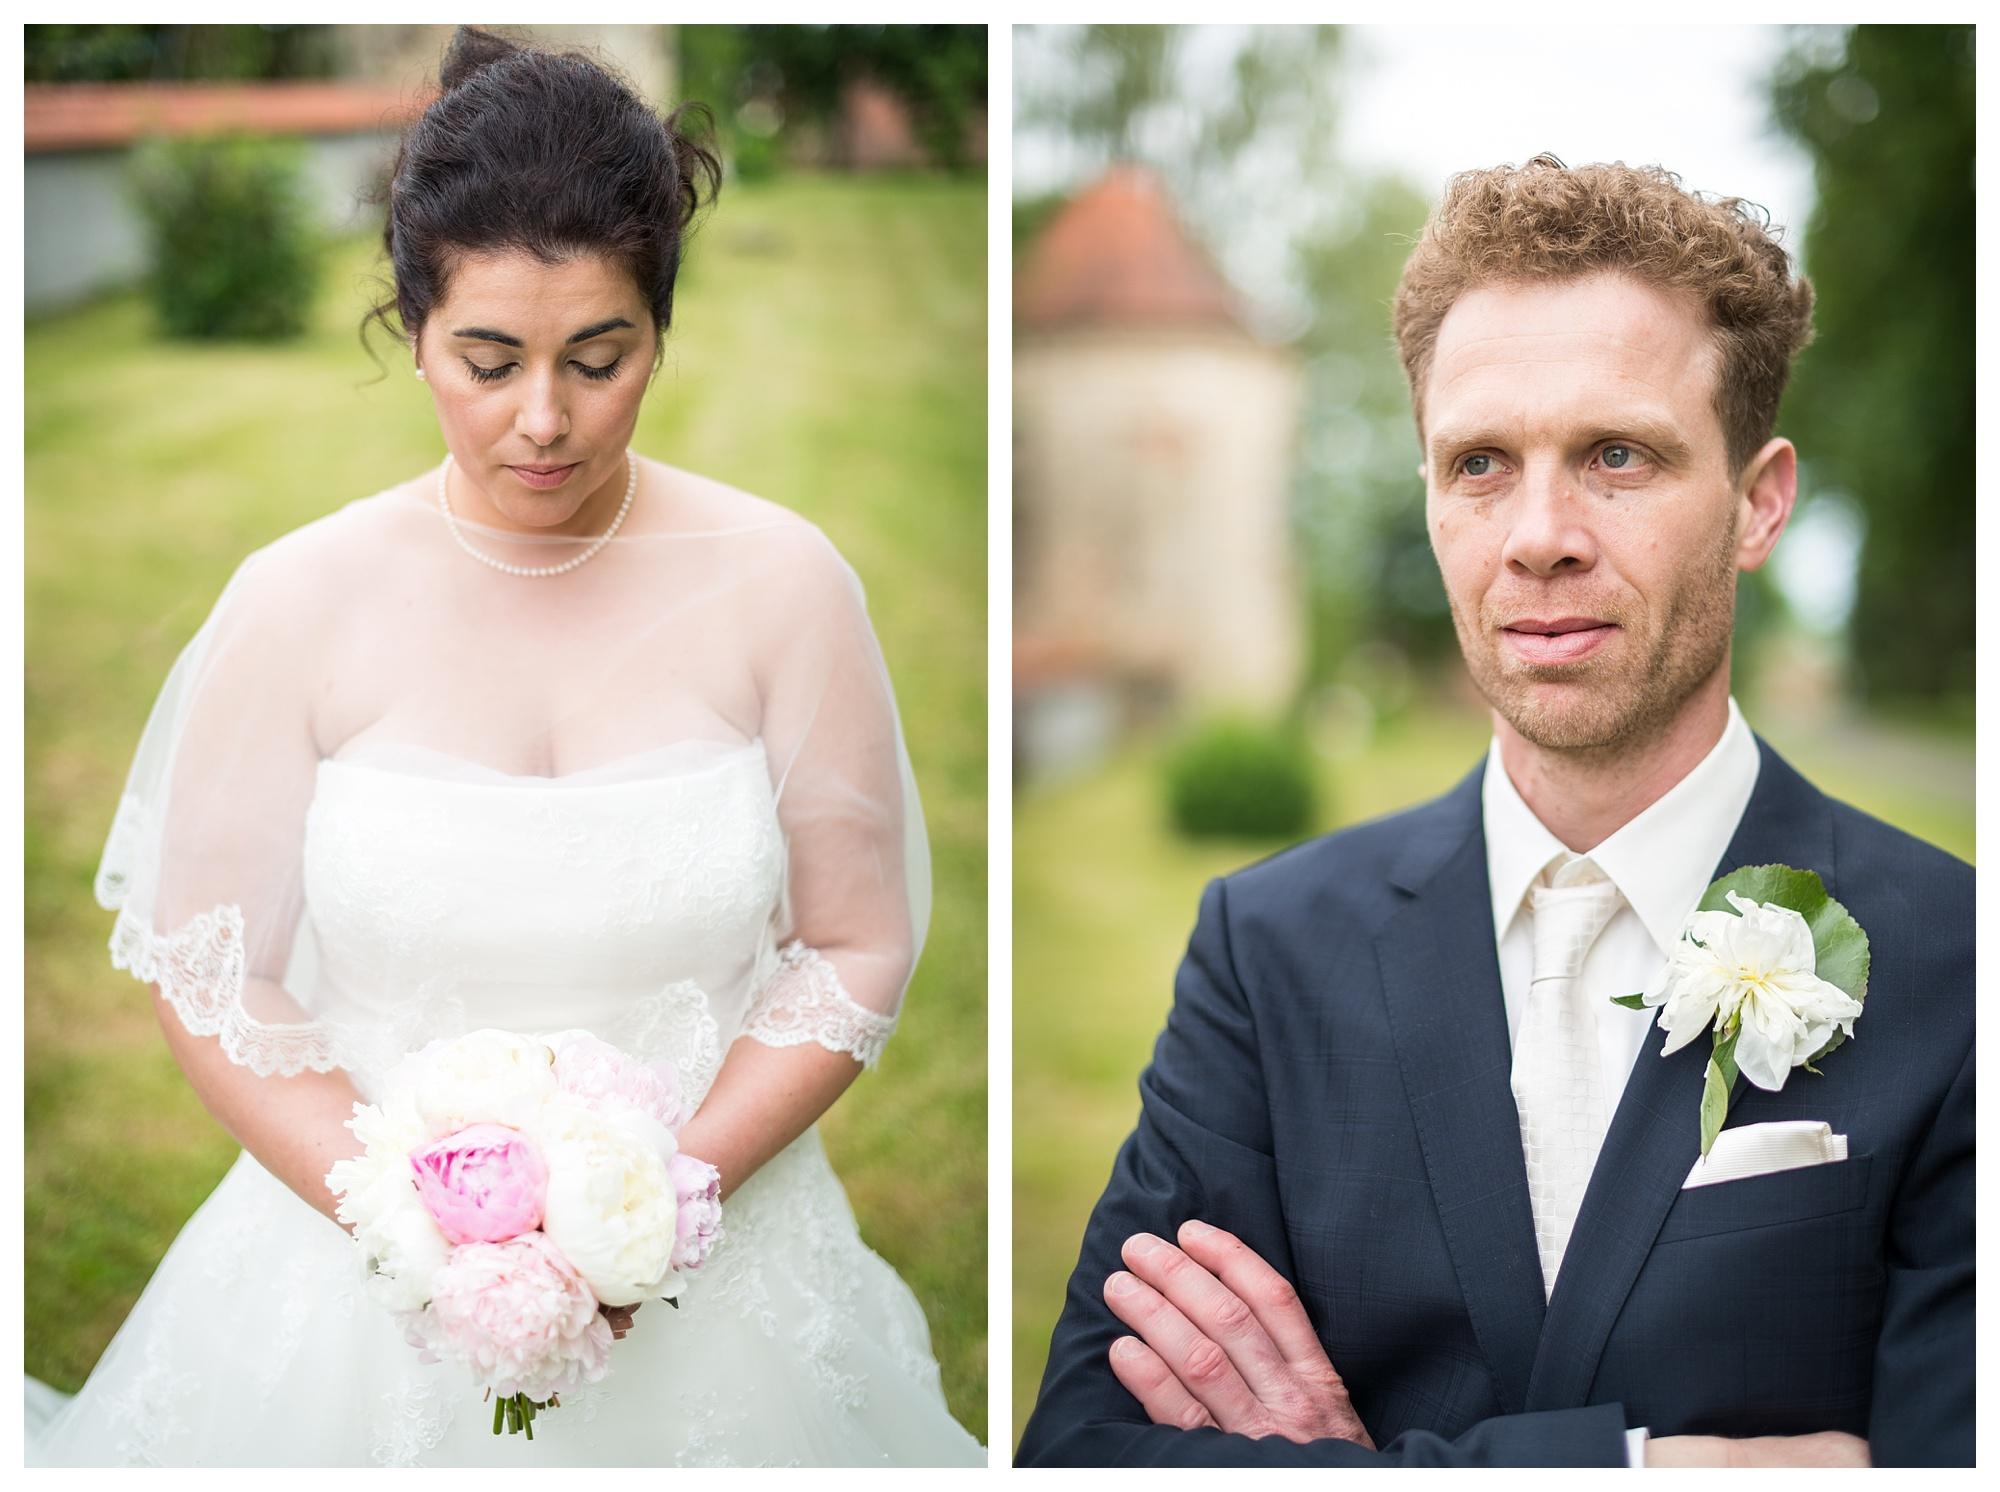 Fotograf Konstanz - Hochzeit Tanja Elmar Elmar Feuerbacher Photography Konstanz Messkirch Highlights 084 - Hochzeitsreportage von Tanja und Elmar im Schloss Meßkirch  - 185 -